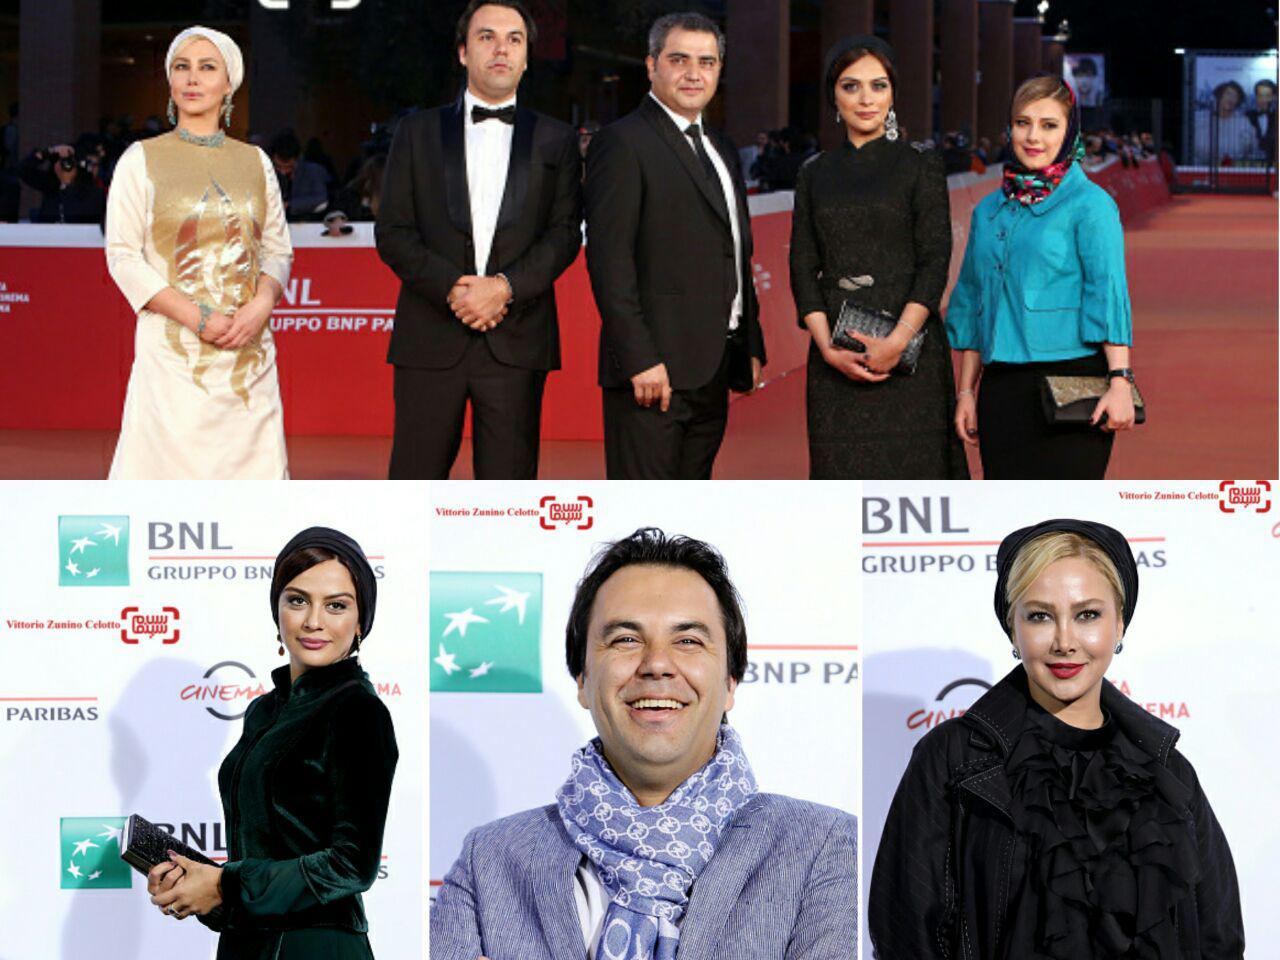 آنا نعمتی، مارال فرجاد و مهدی فرد قادری در جشنواره فیلم رم